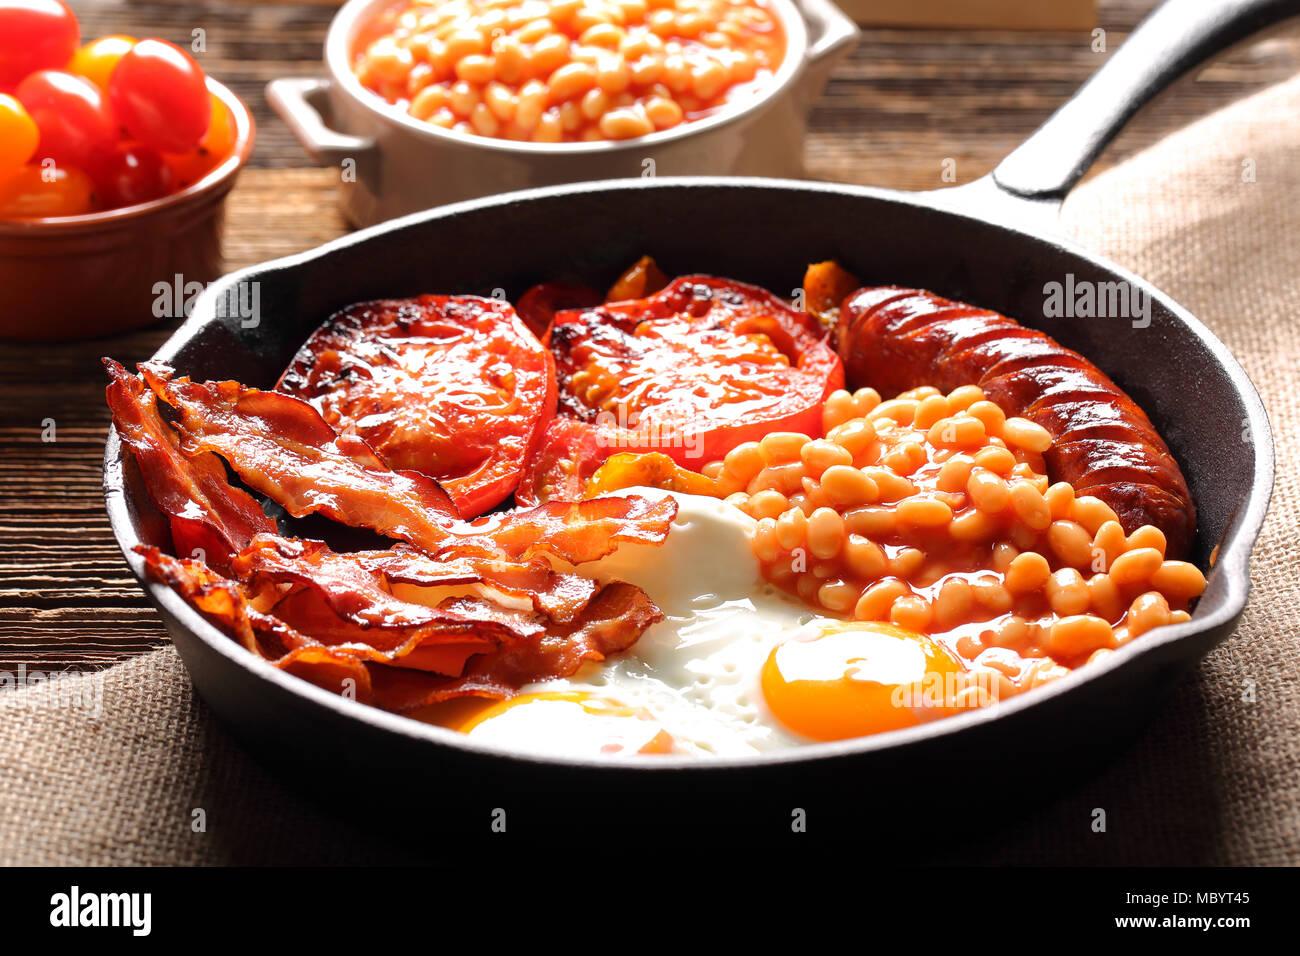 Prima colazione inglese con salsicce, pomodori grigliati, uova, bacon e fagioli in padella. Immagini Stock